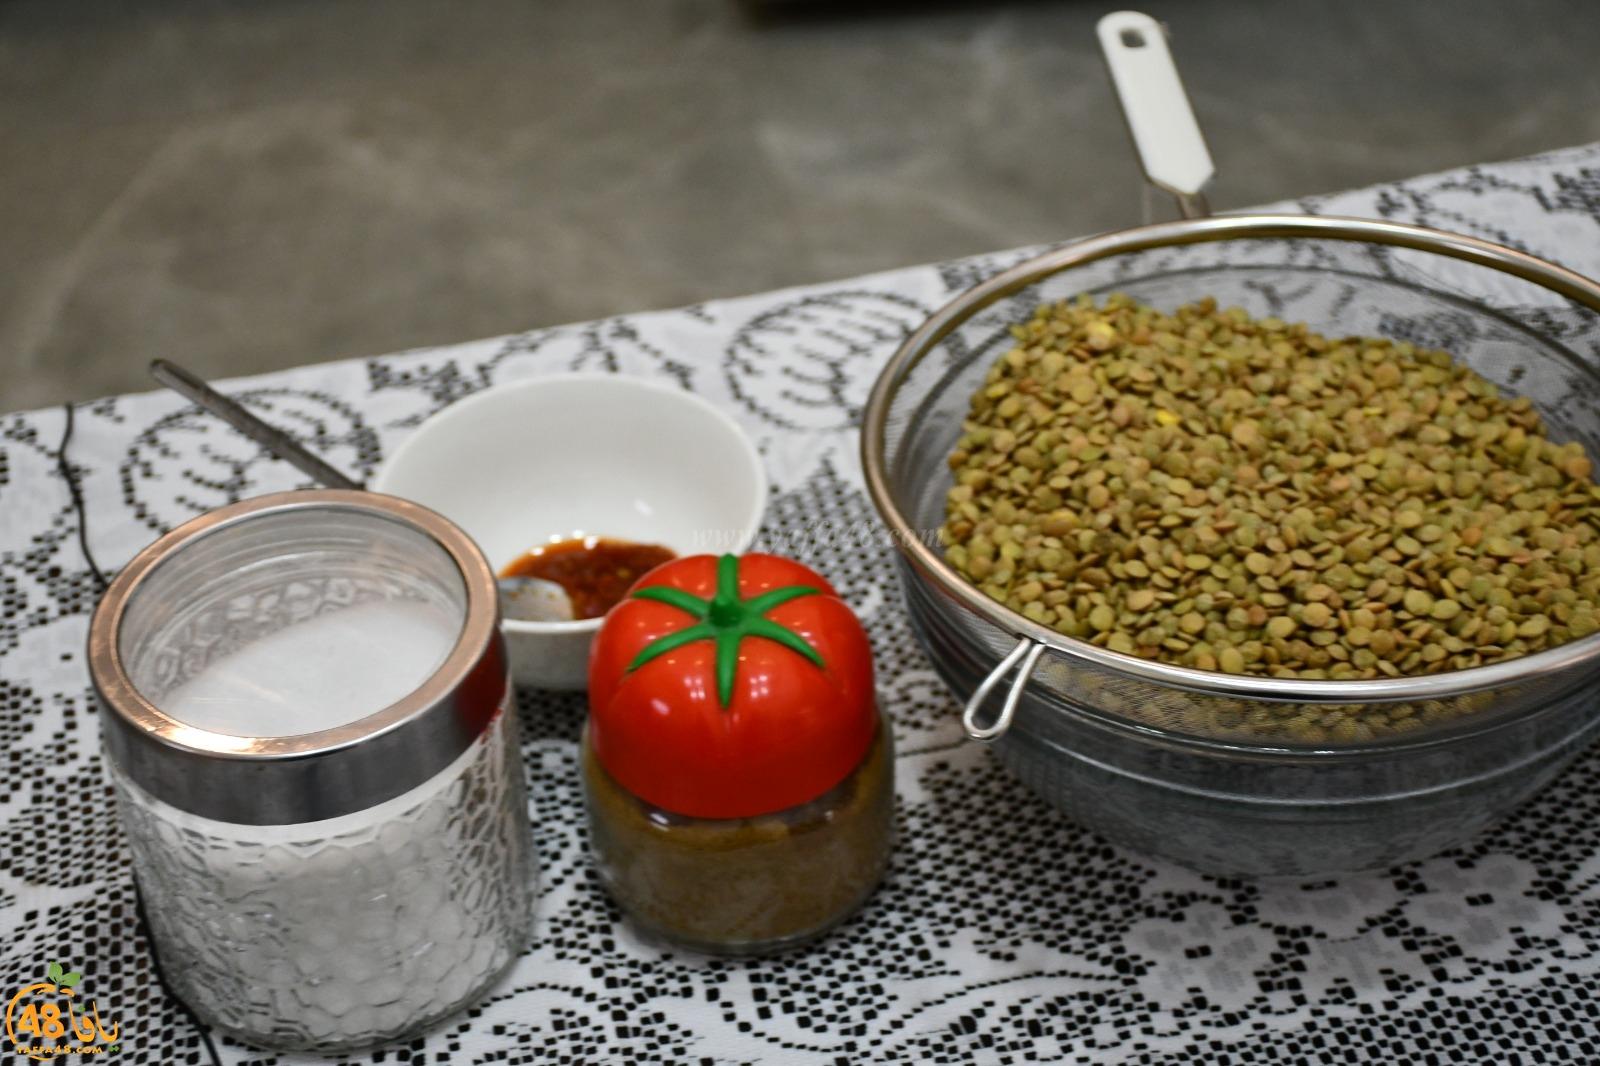 شاهد| الكشك .. الحلقة السابعة من برنامج مطبخنا اليافيّ